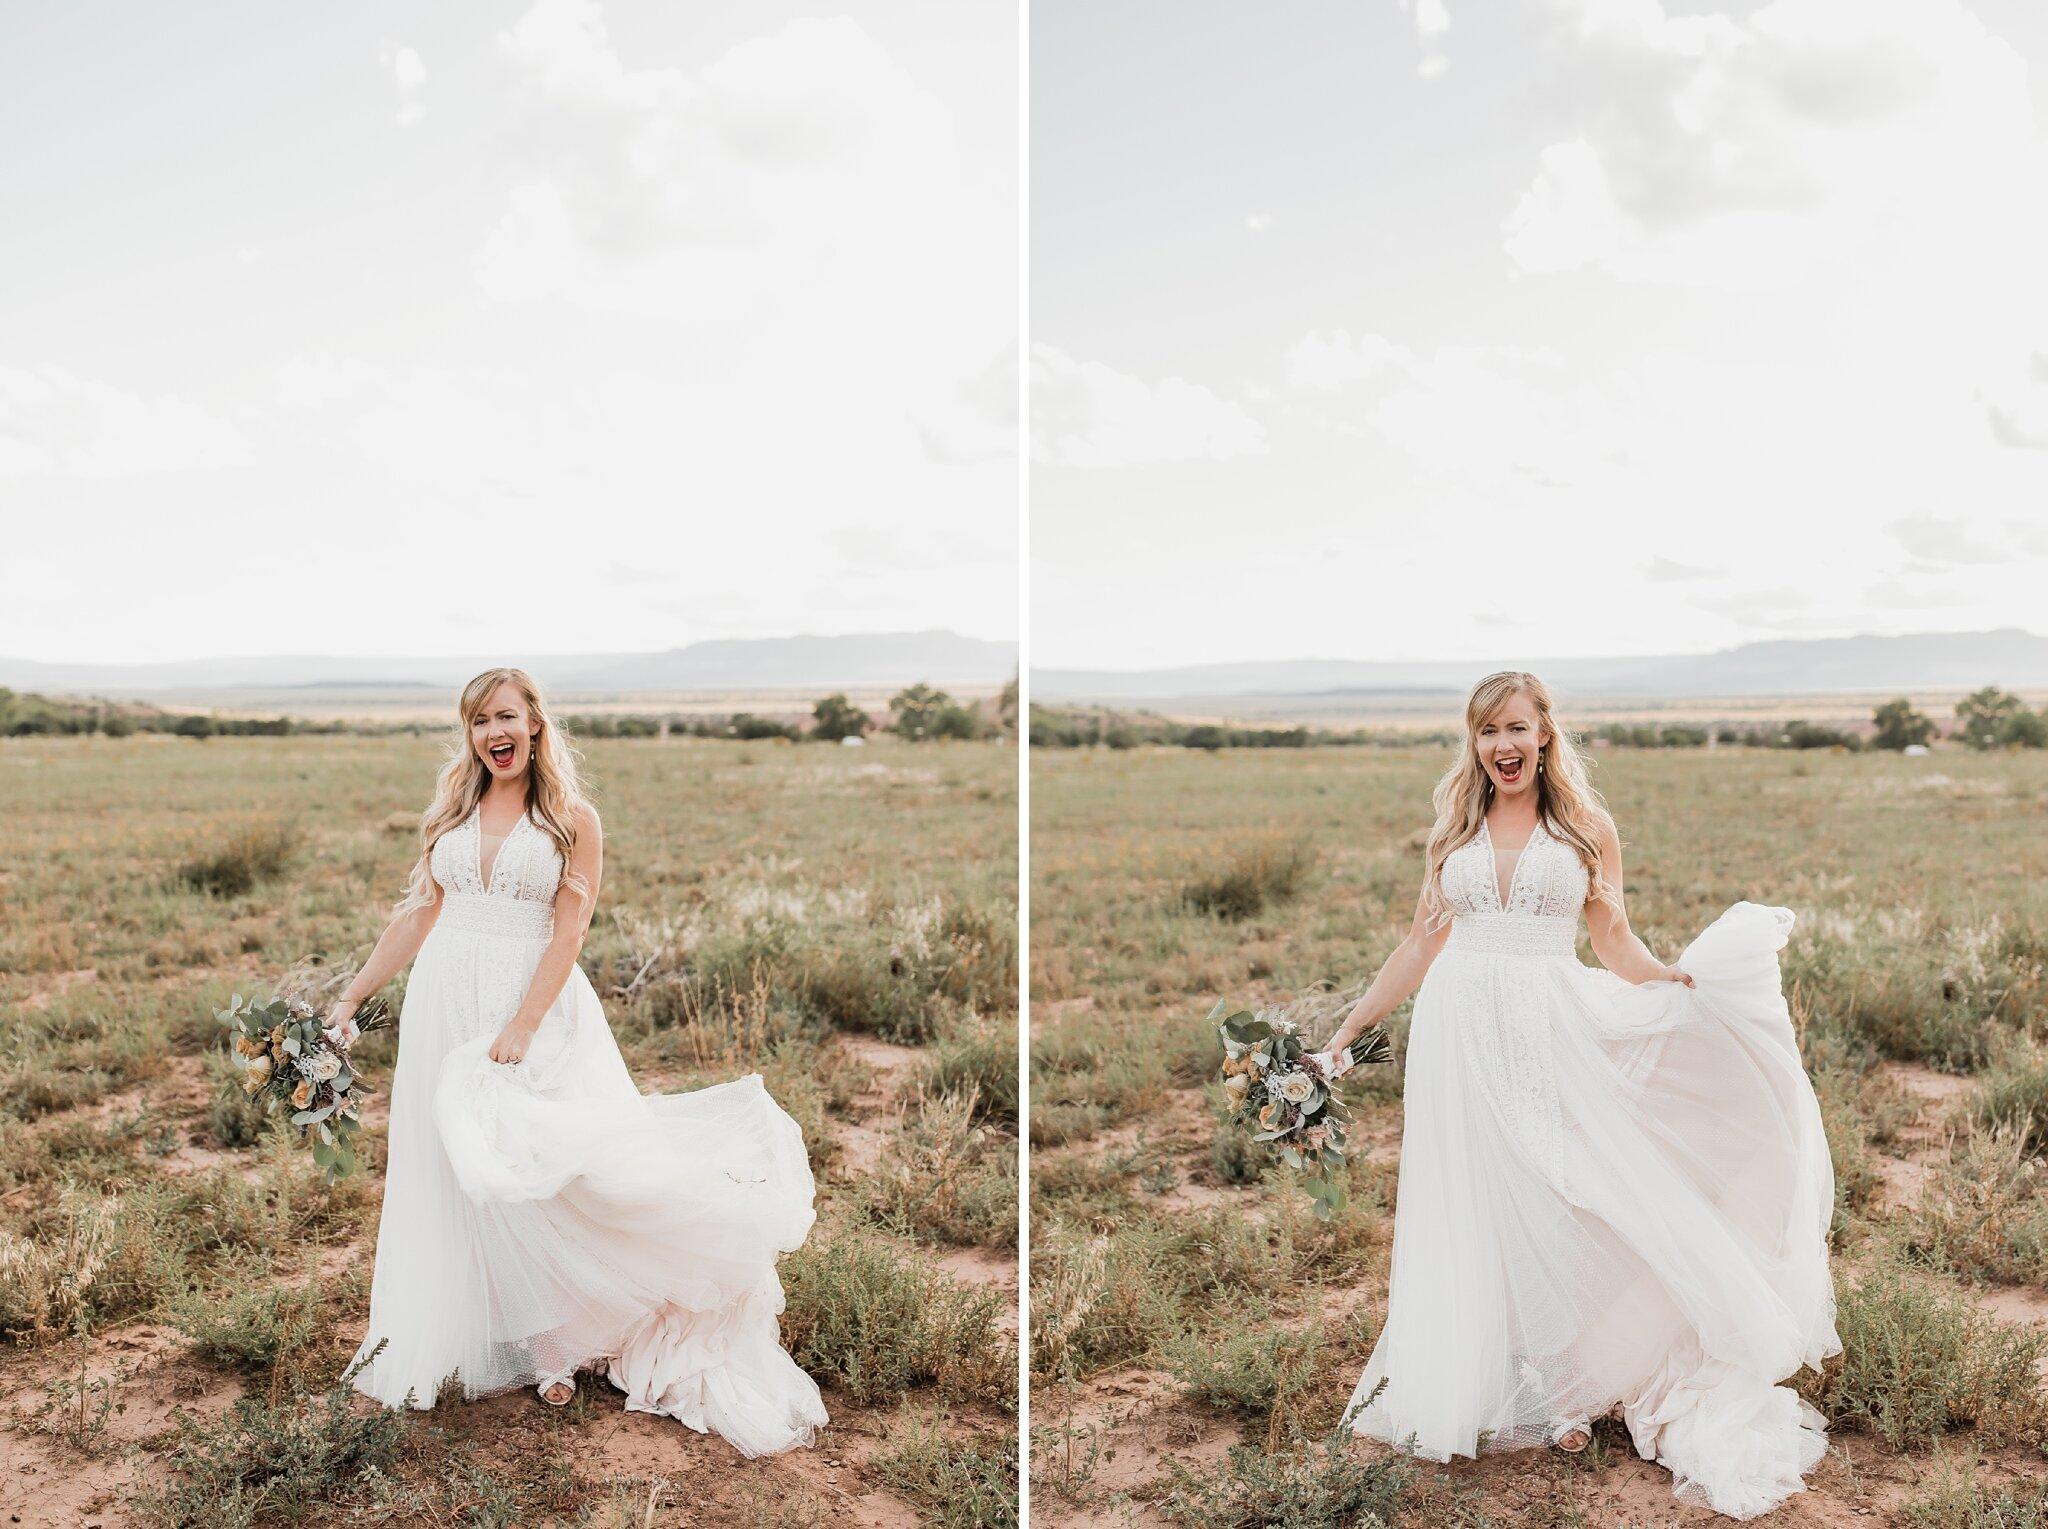 Alicia+lucia+photography+-+albuquerque+wedding+photographer+-+santa+fe+wedding+photography+-+new+mexico+wedding+photographer+-+new+mexico+wedding+-+wedding+-+santa+fe+wedding+-+ghost+ranch+-+ghost+ranch+wedding+-+fall+wedding_0020.jpg